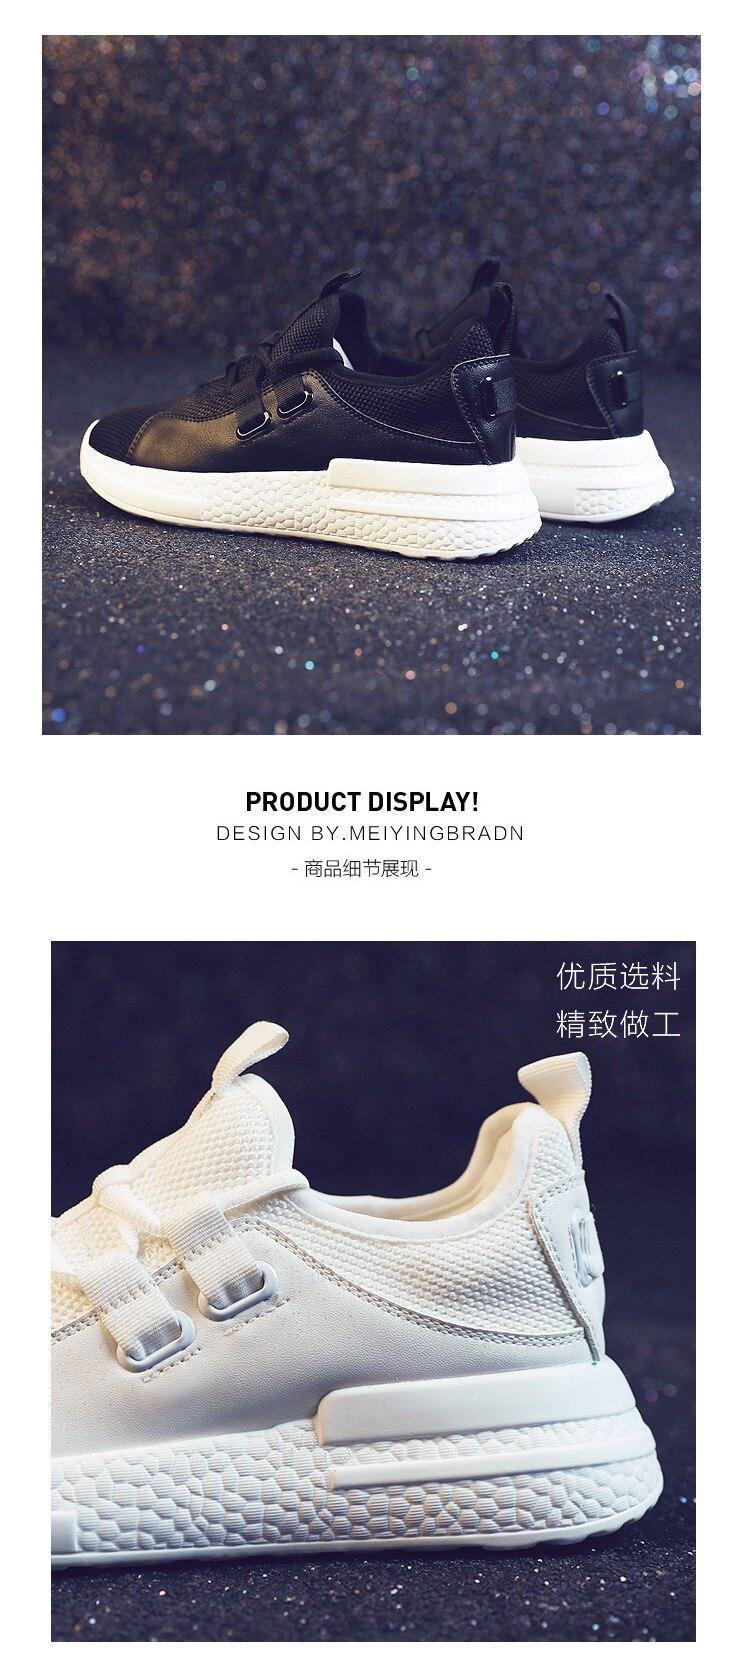 Женские кроссовки на плоской подошве, модные белые вулканизированные туфли, женская обувь на шнуровке с острым носком, дышащие кроссовки из сетчатого материала, очень мягкие